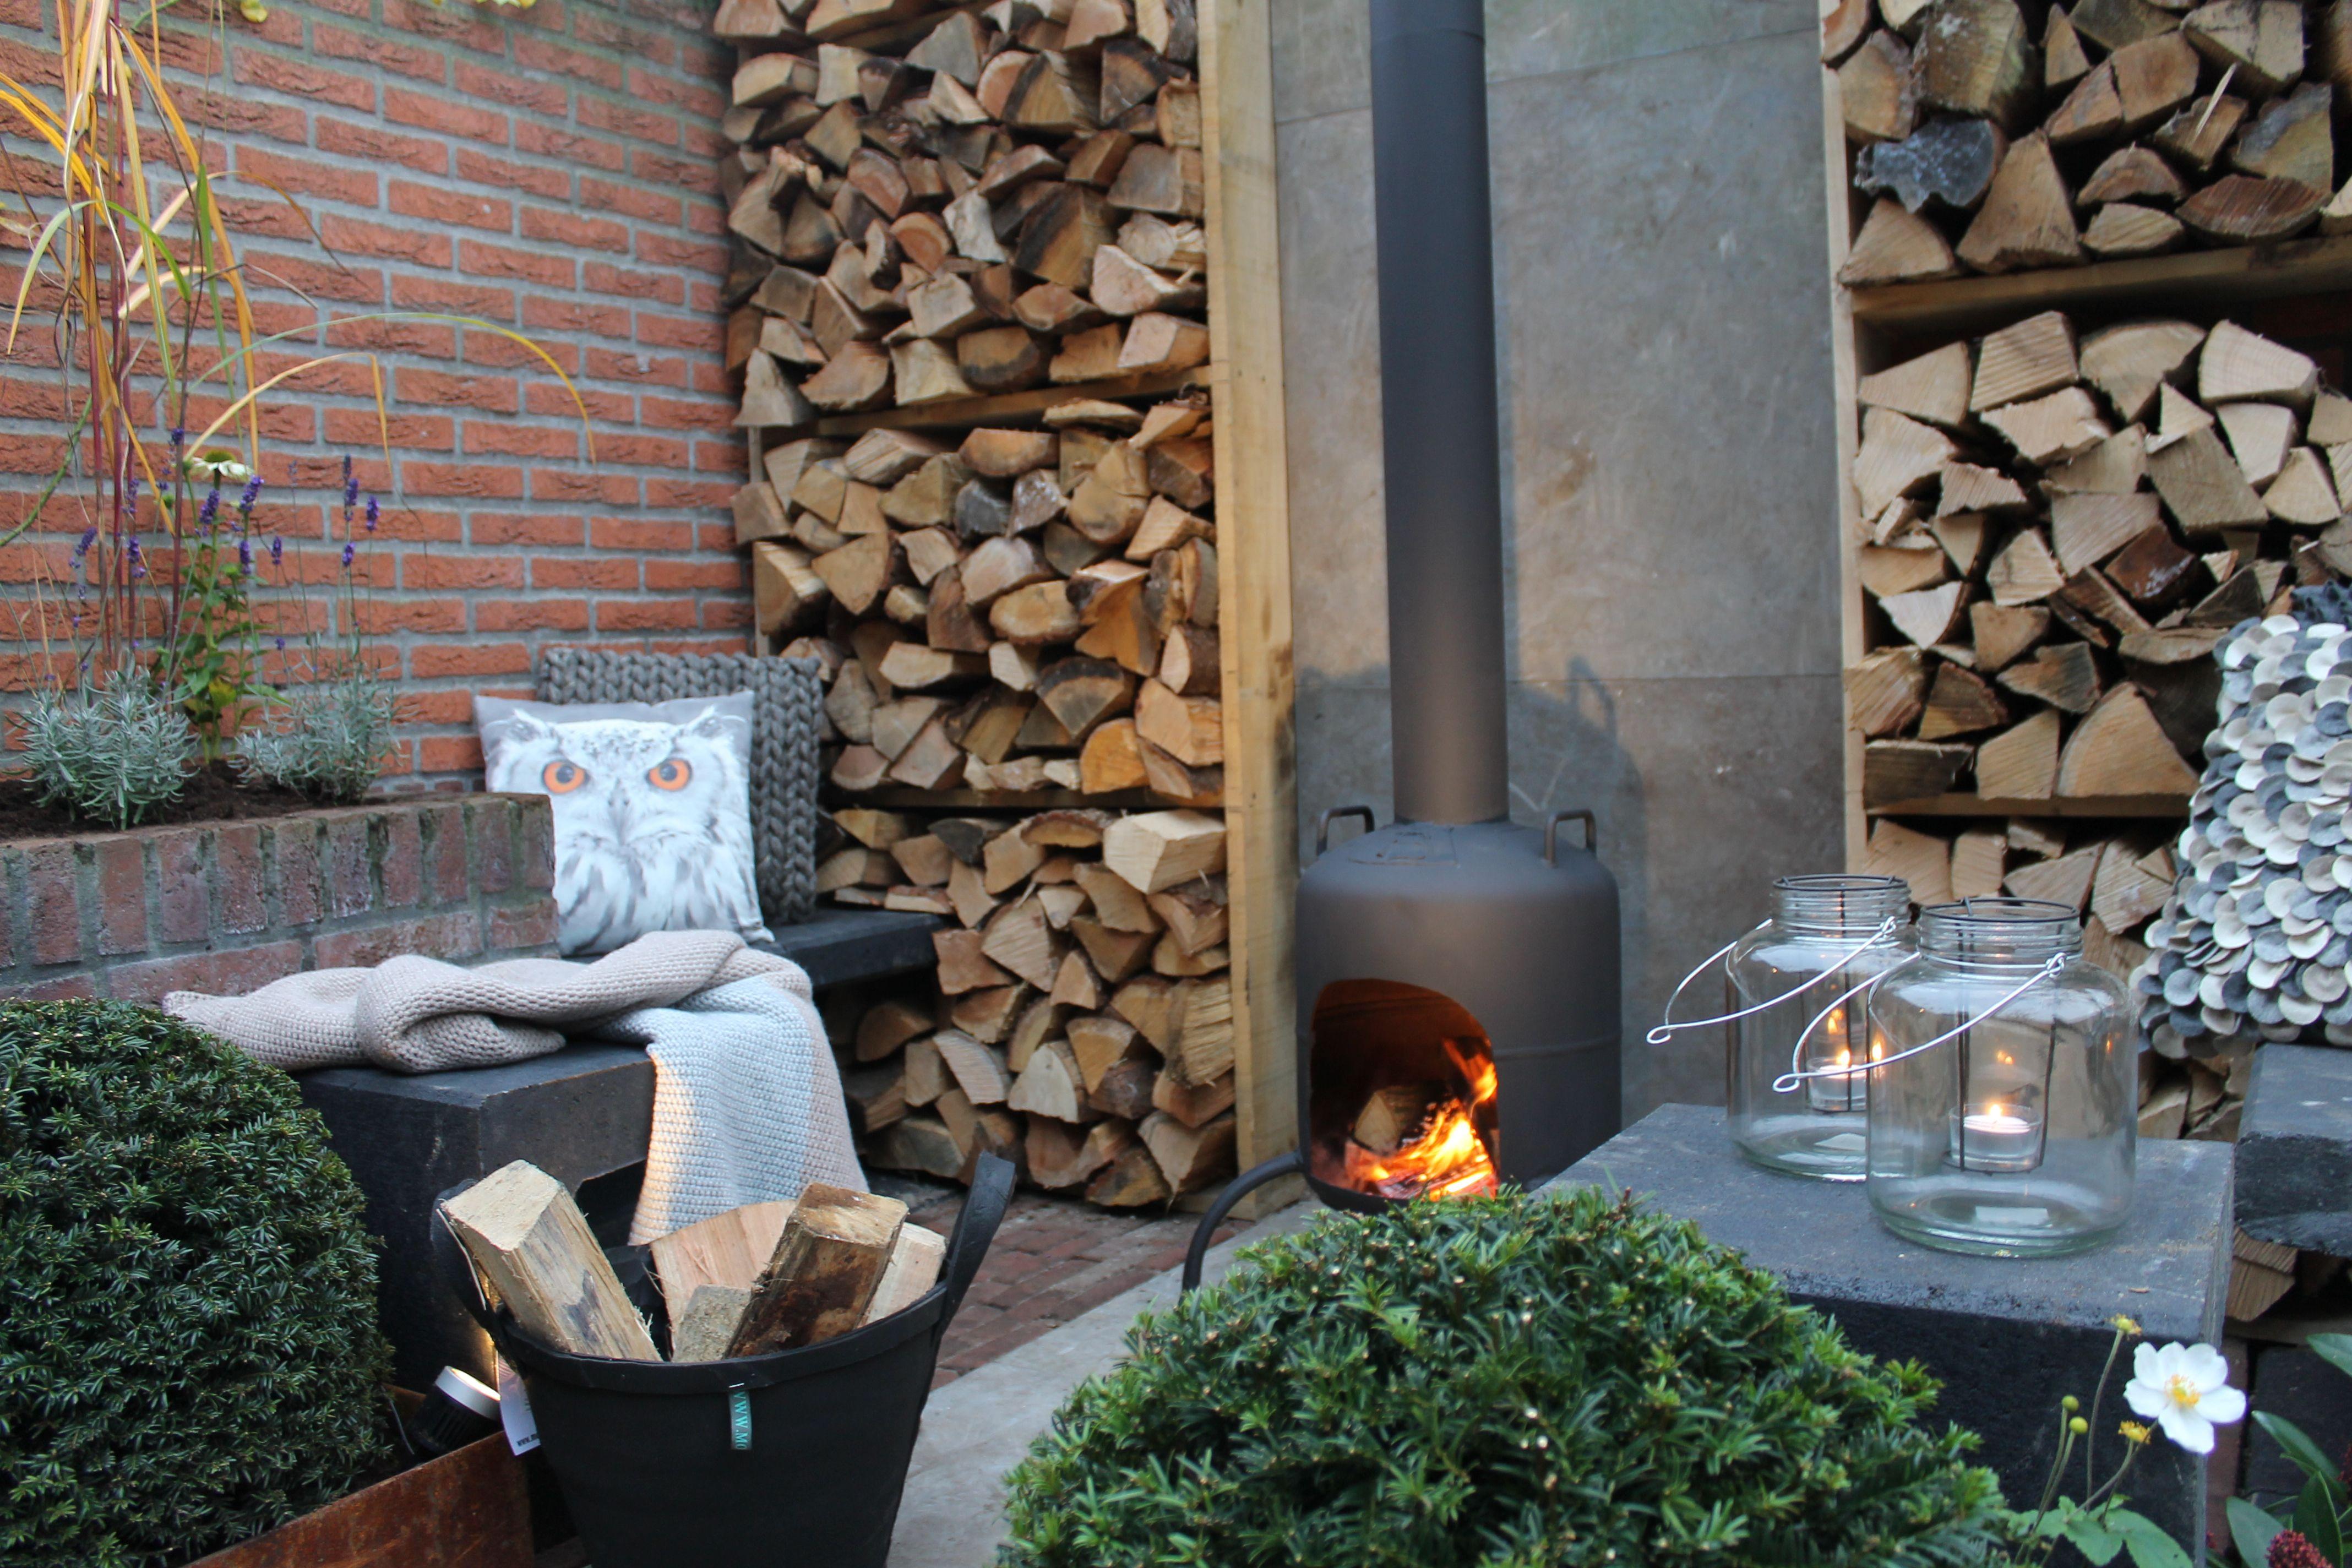 Houtblokken In Huis : Het liefst zie ik in mijn tuin een houtkachel hier mooi